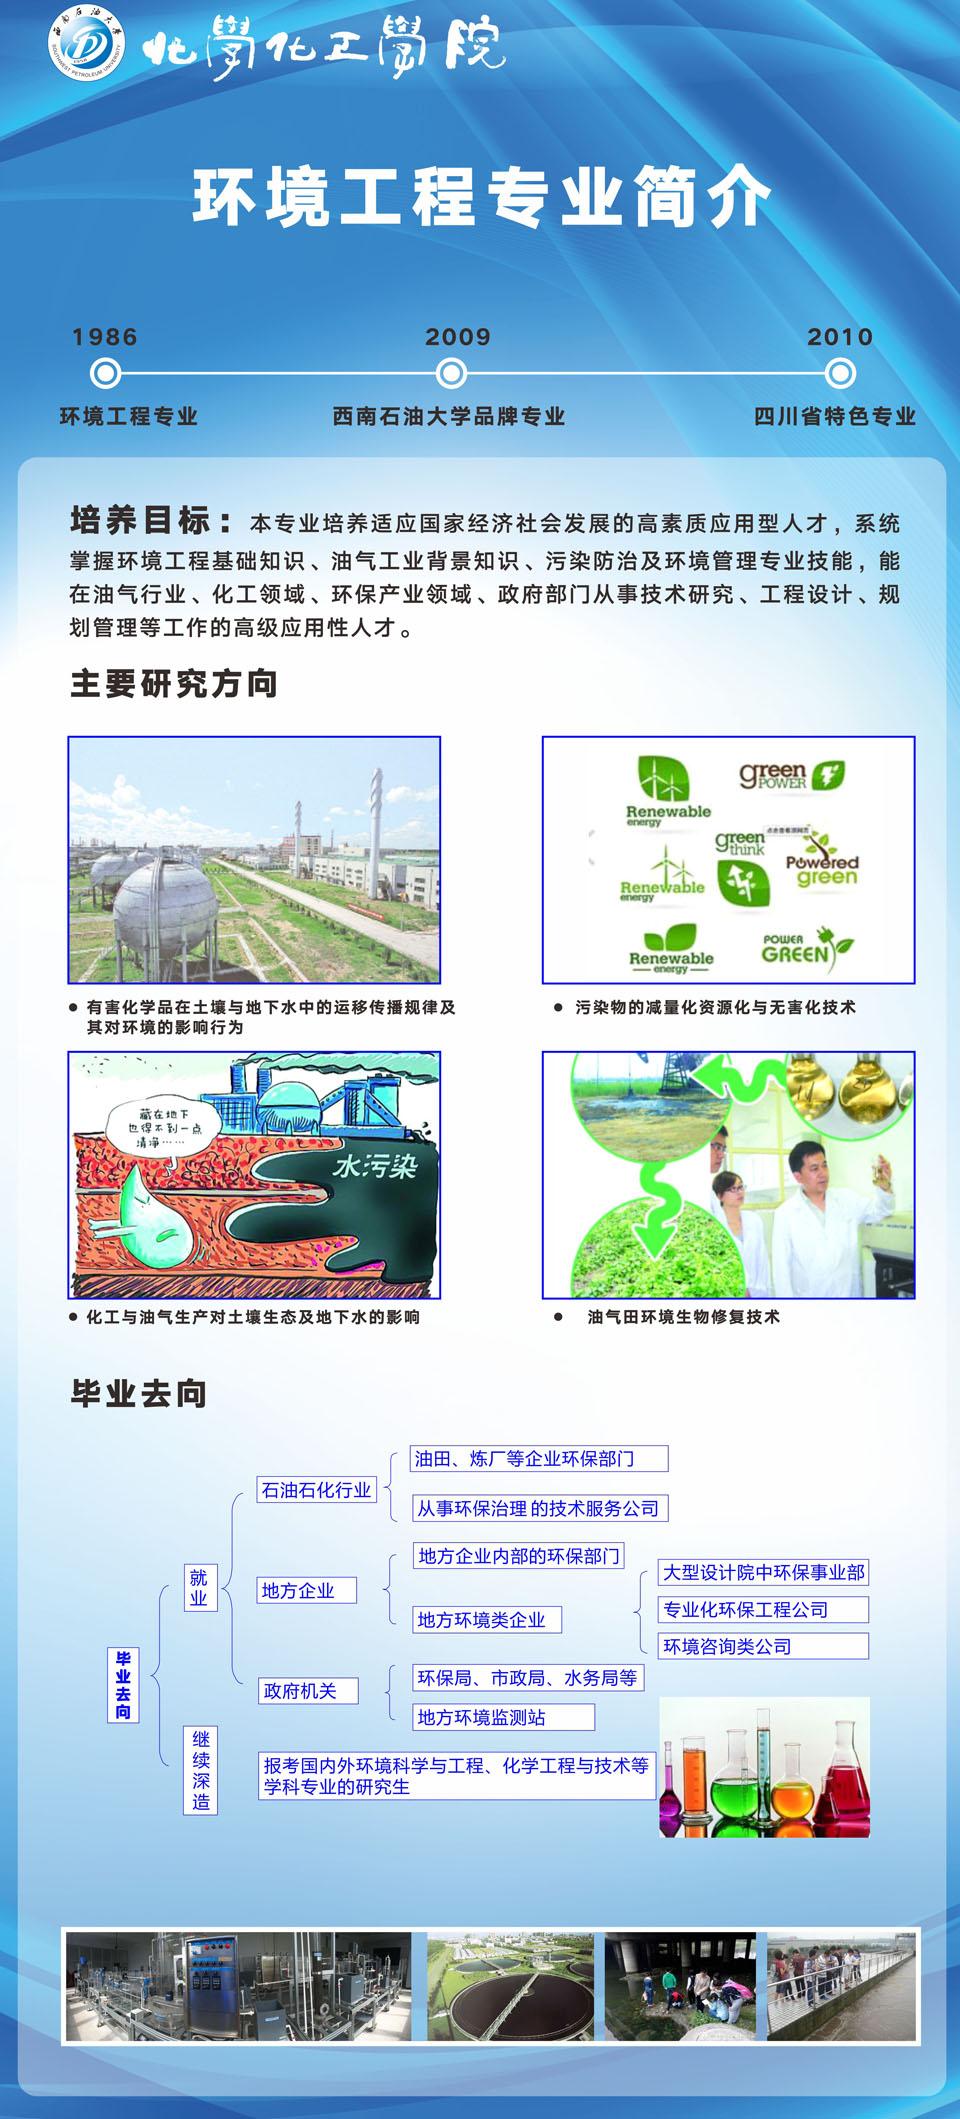 《环境规划与管理》环境规划与管理总结 - 道客巴巴